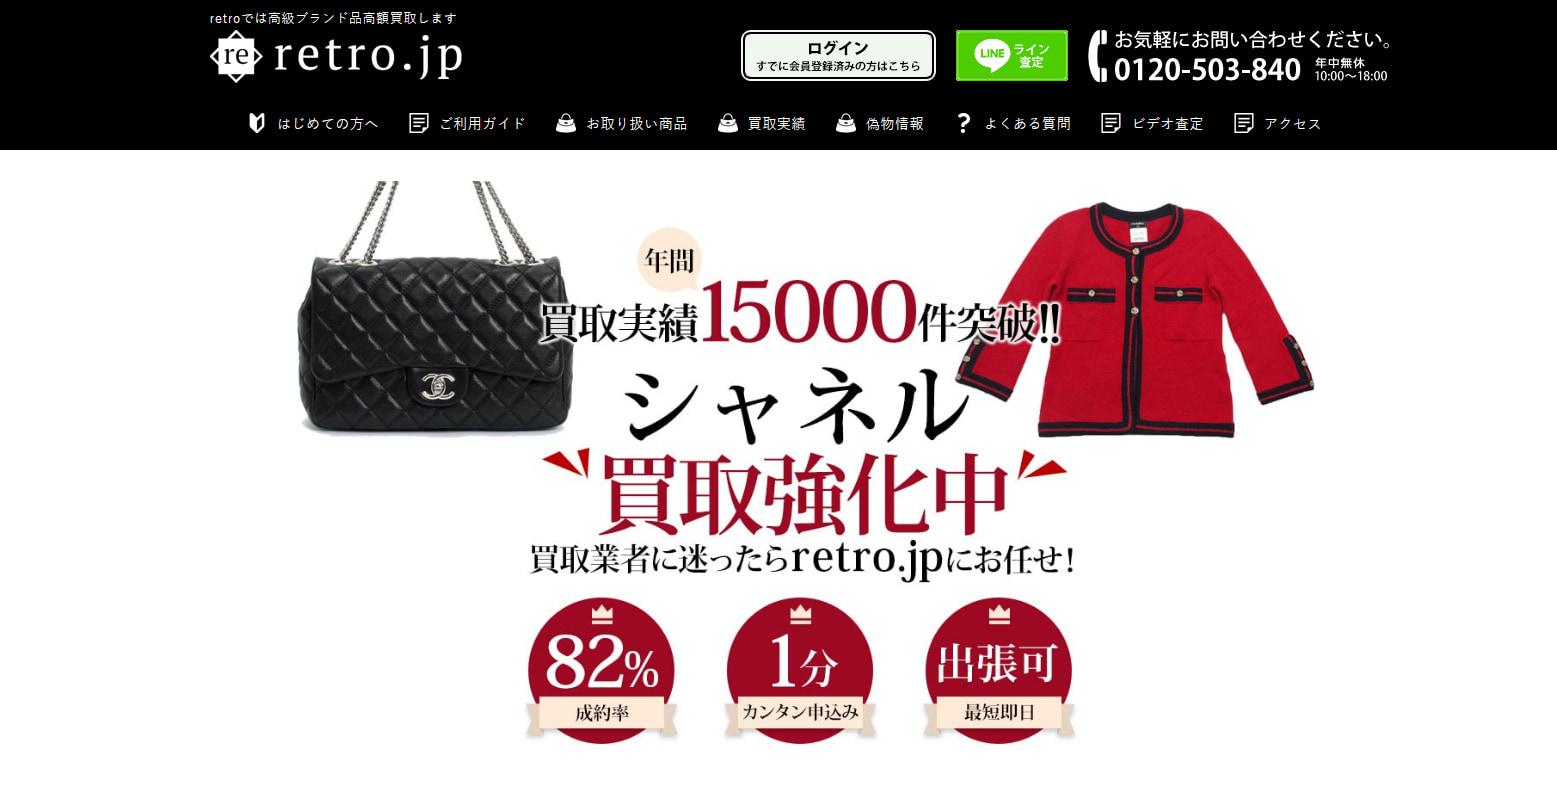 シャネル買取おすすめ店retro.jp